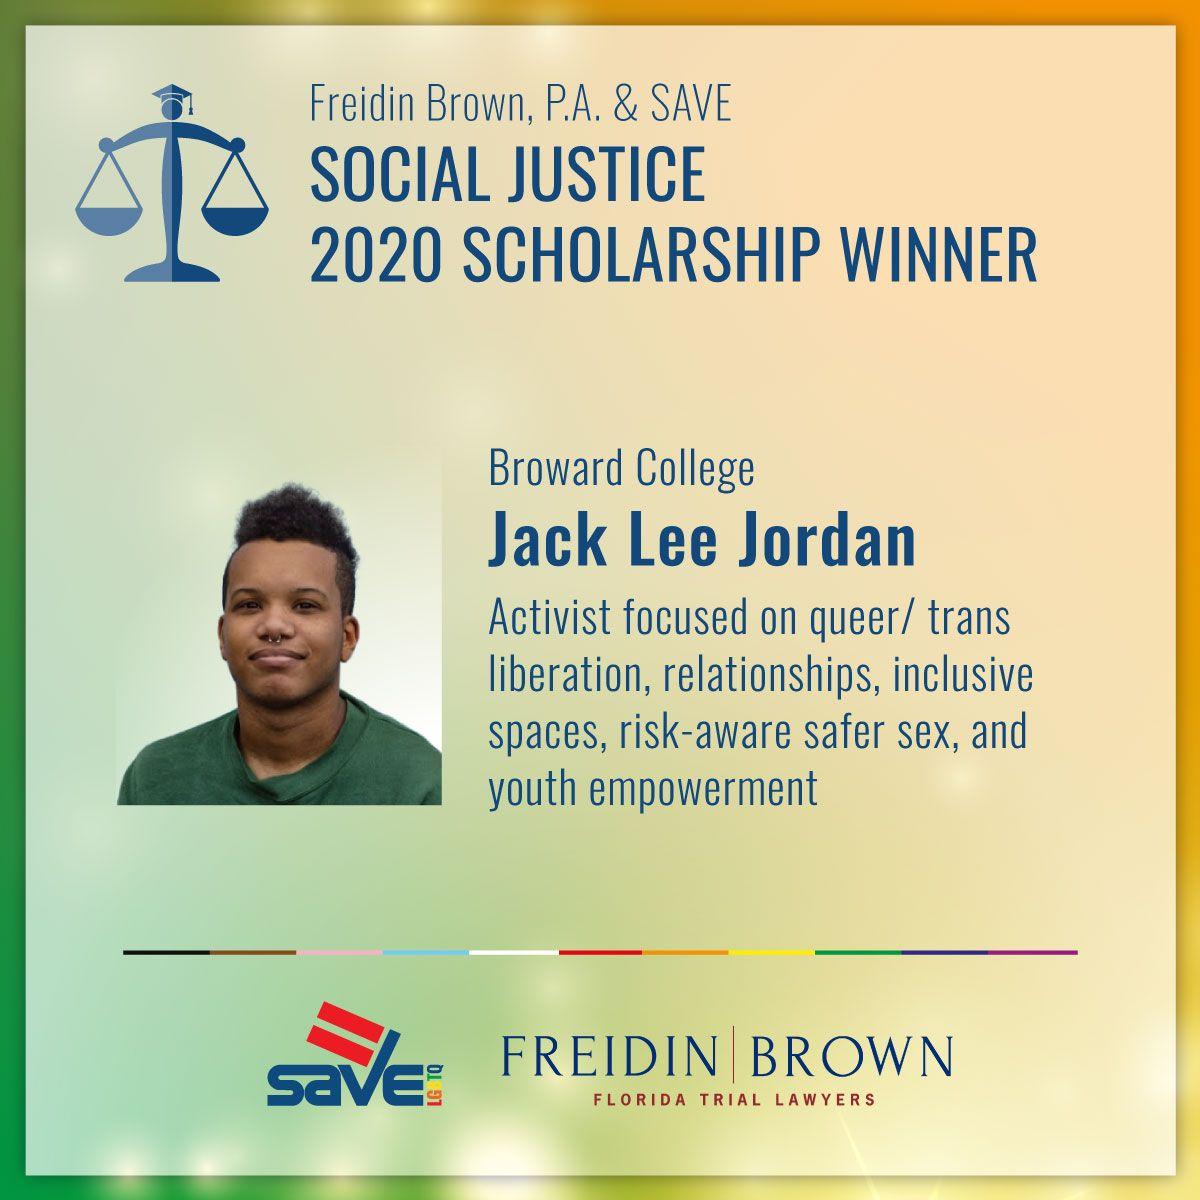 Jack Lee Jordan